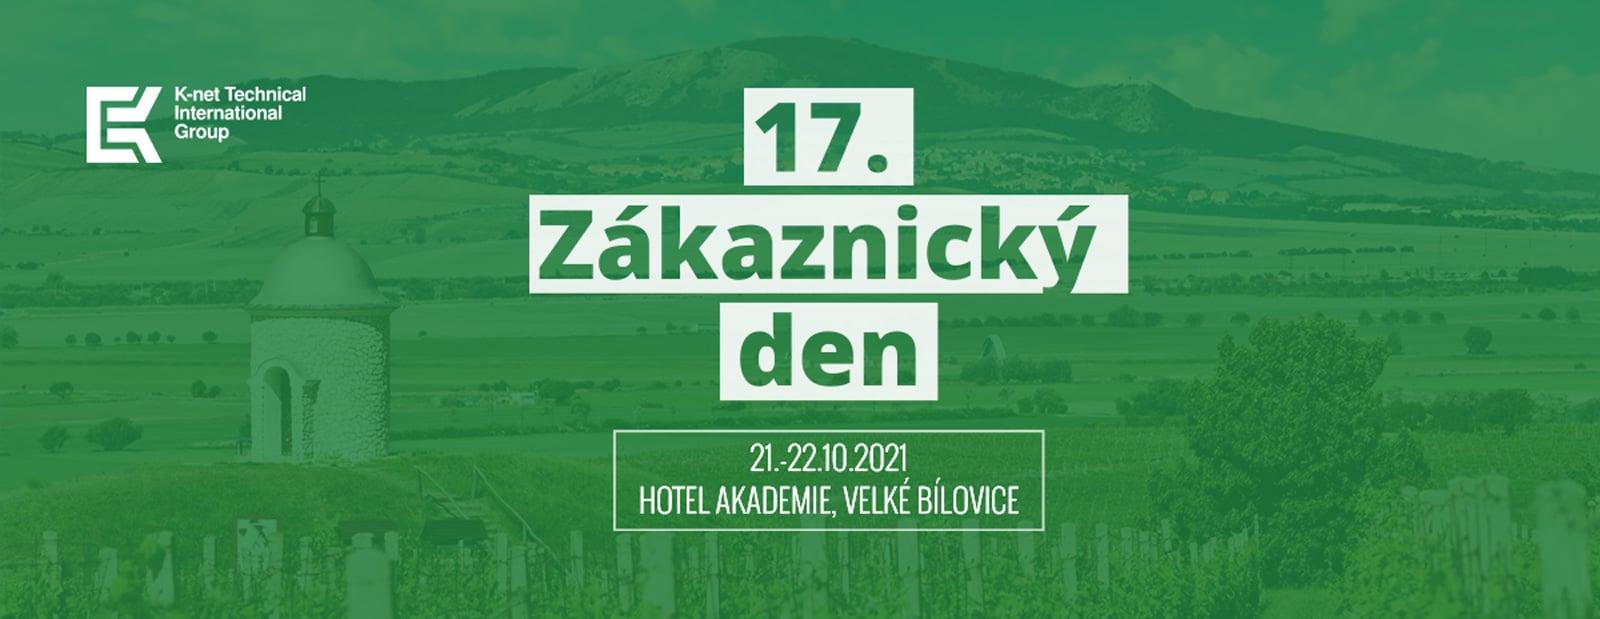 Banner 17. Zákaznického dne